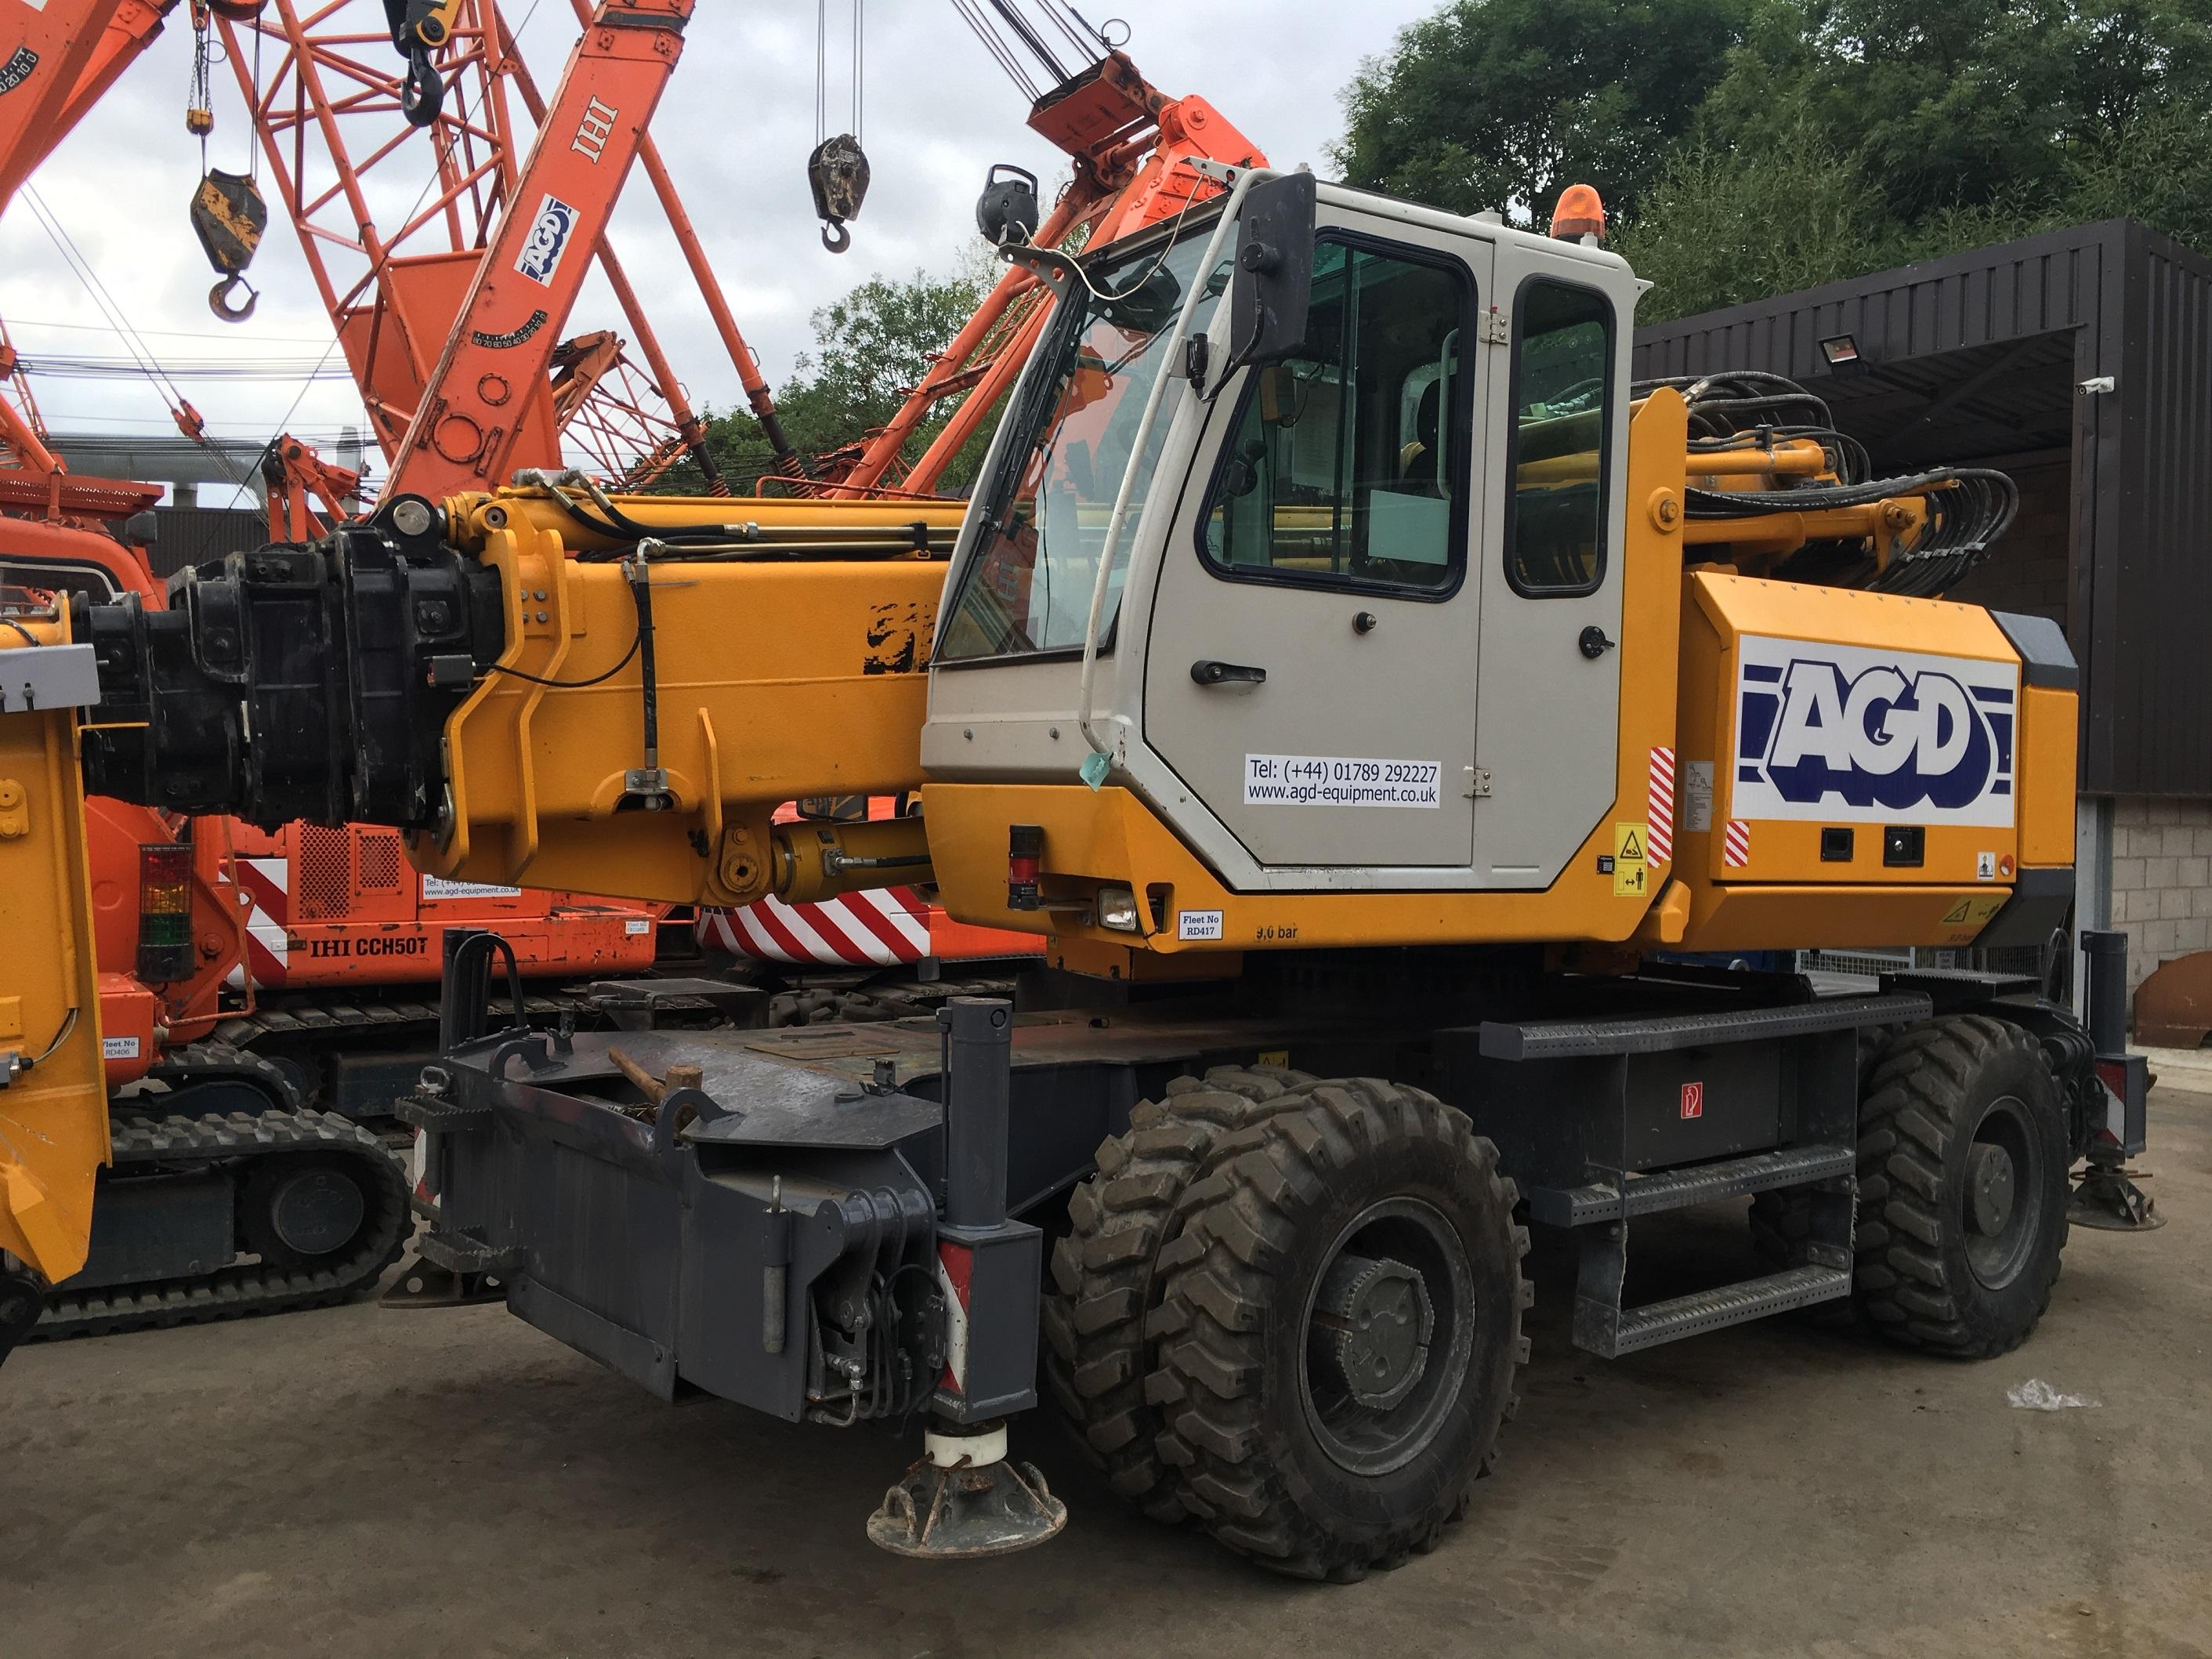 Sennebogen 608M multi crane for sale